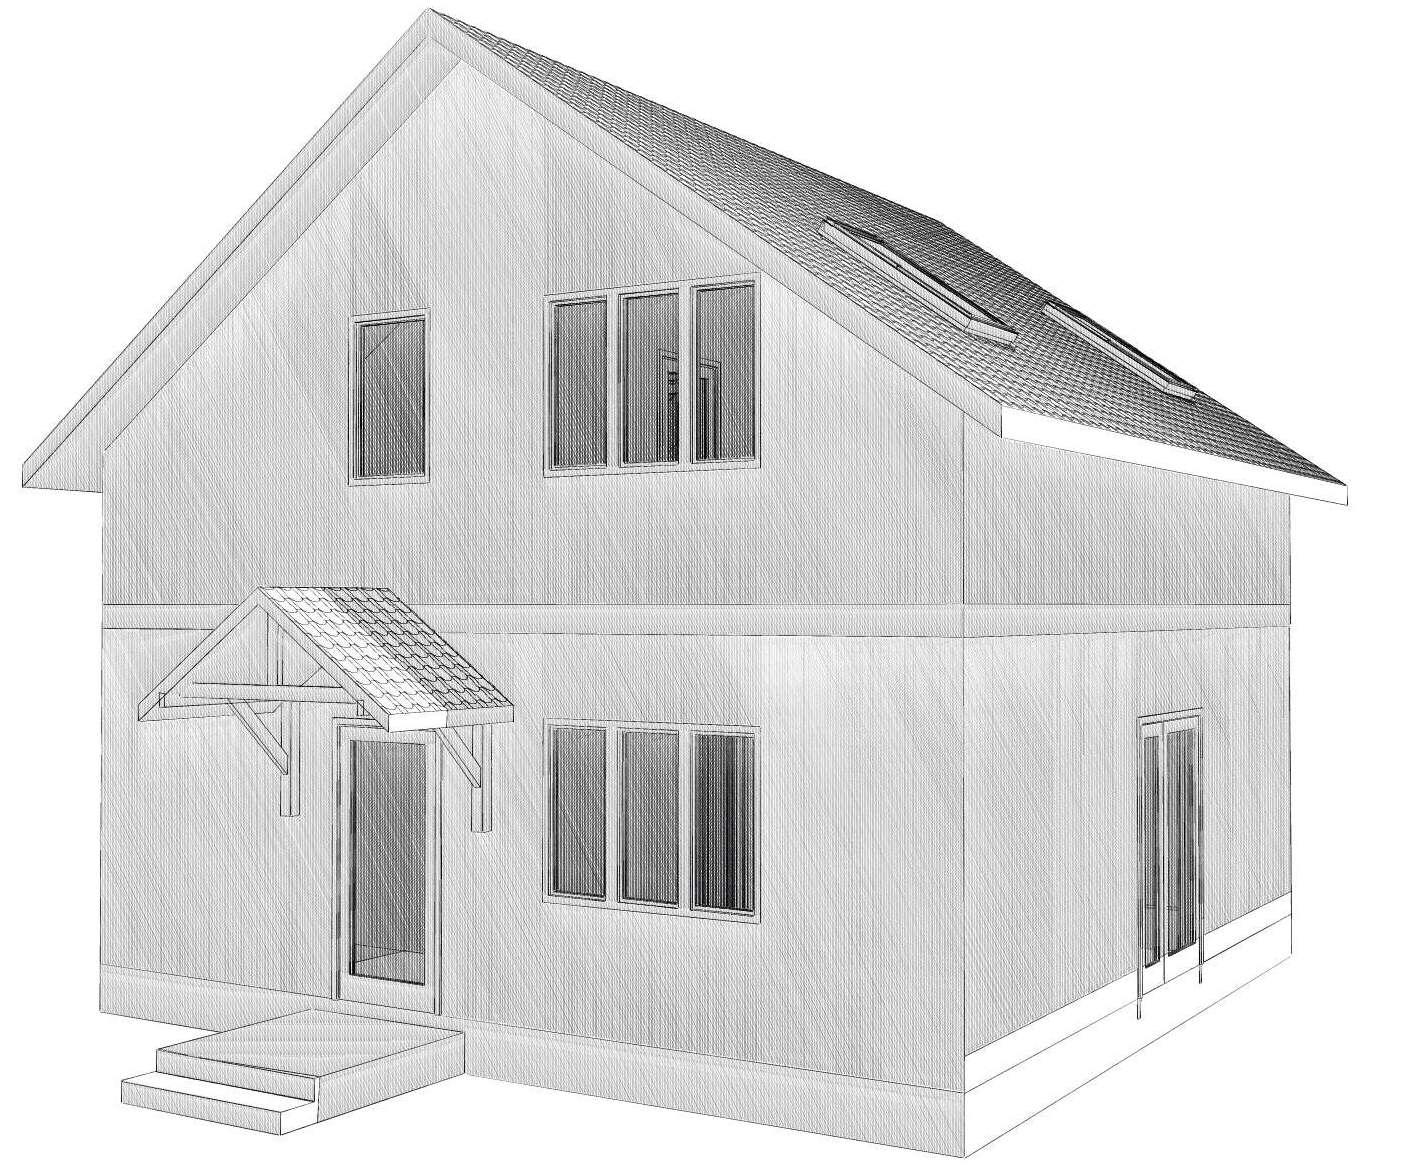 Визуализация домика с мансардой из СИП-панелей по канадской технологии, 102 м2